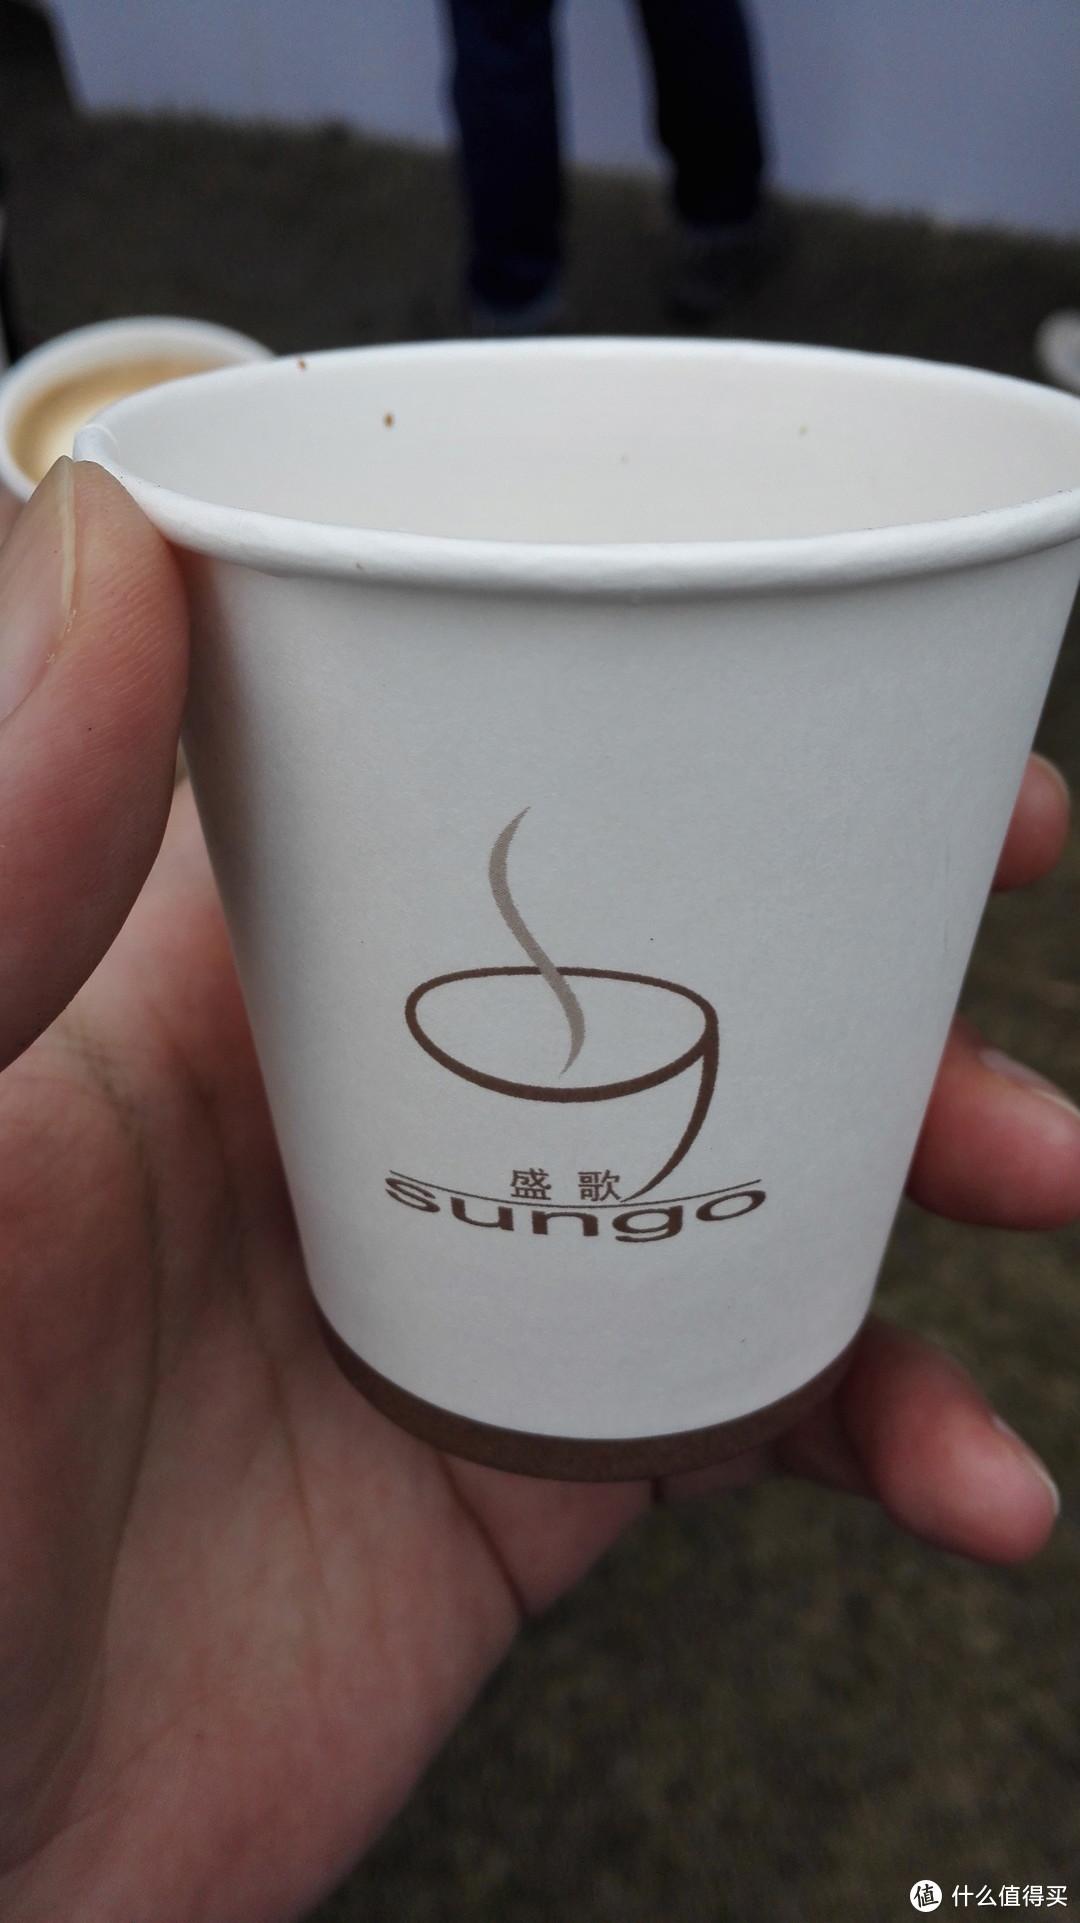 #原创新人#咖啡豆购买推荐